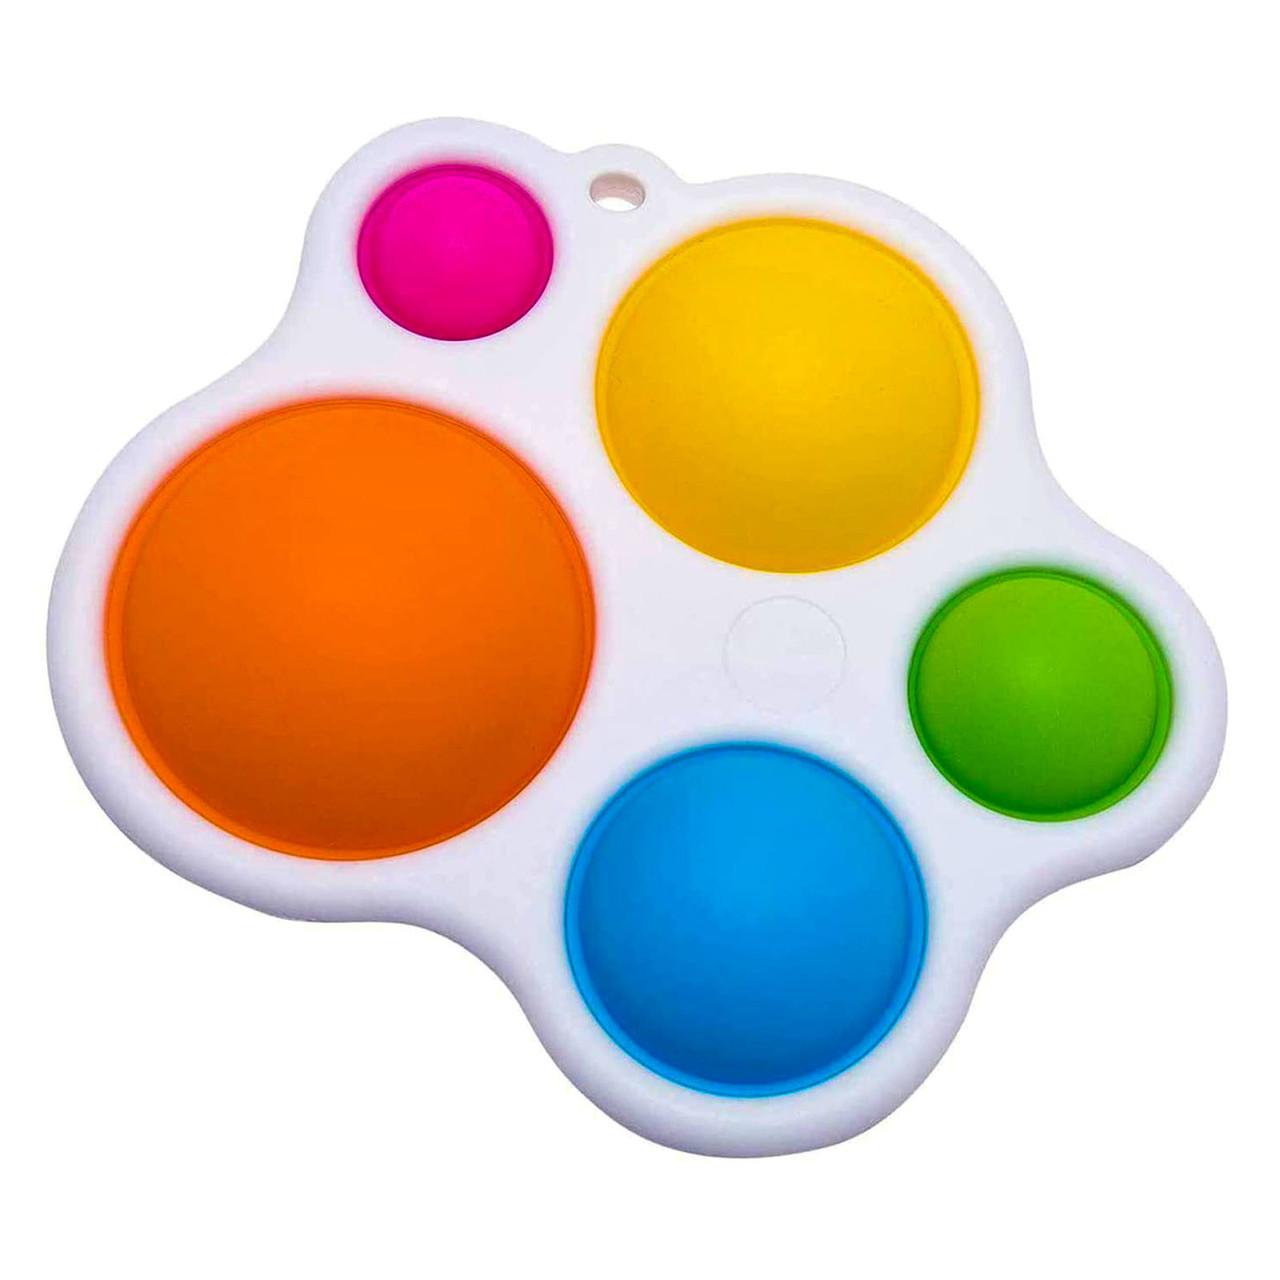 Сенсорна іграшка Simple Dimple поп іт антистрес сімпл дімпл pop it палітра 1